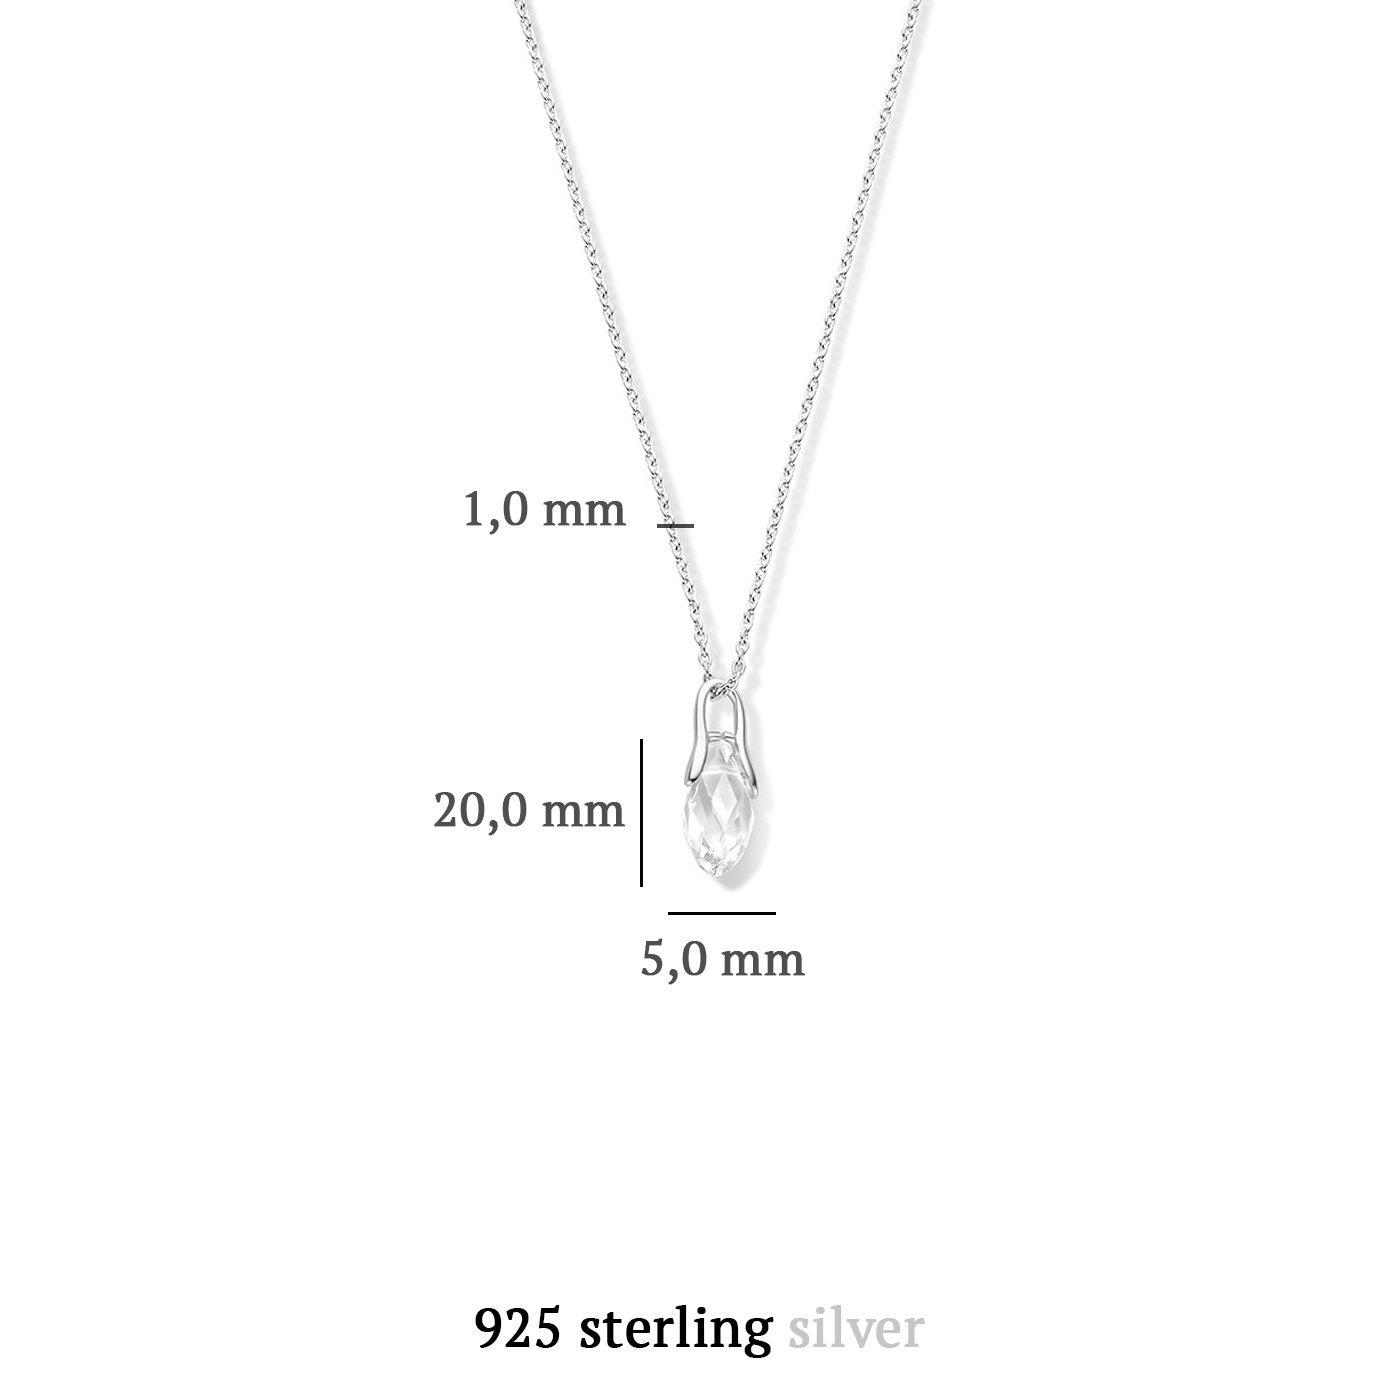 Parte di Me La Sirena Ombrone 925 Sterling Silber Kette